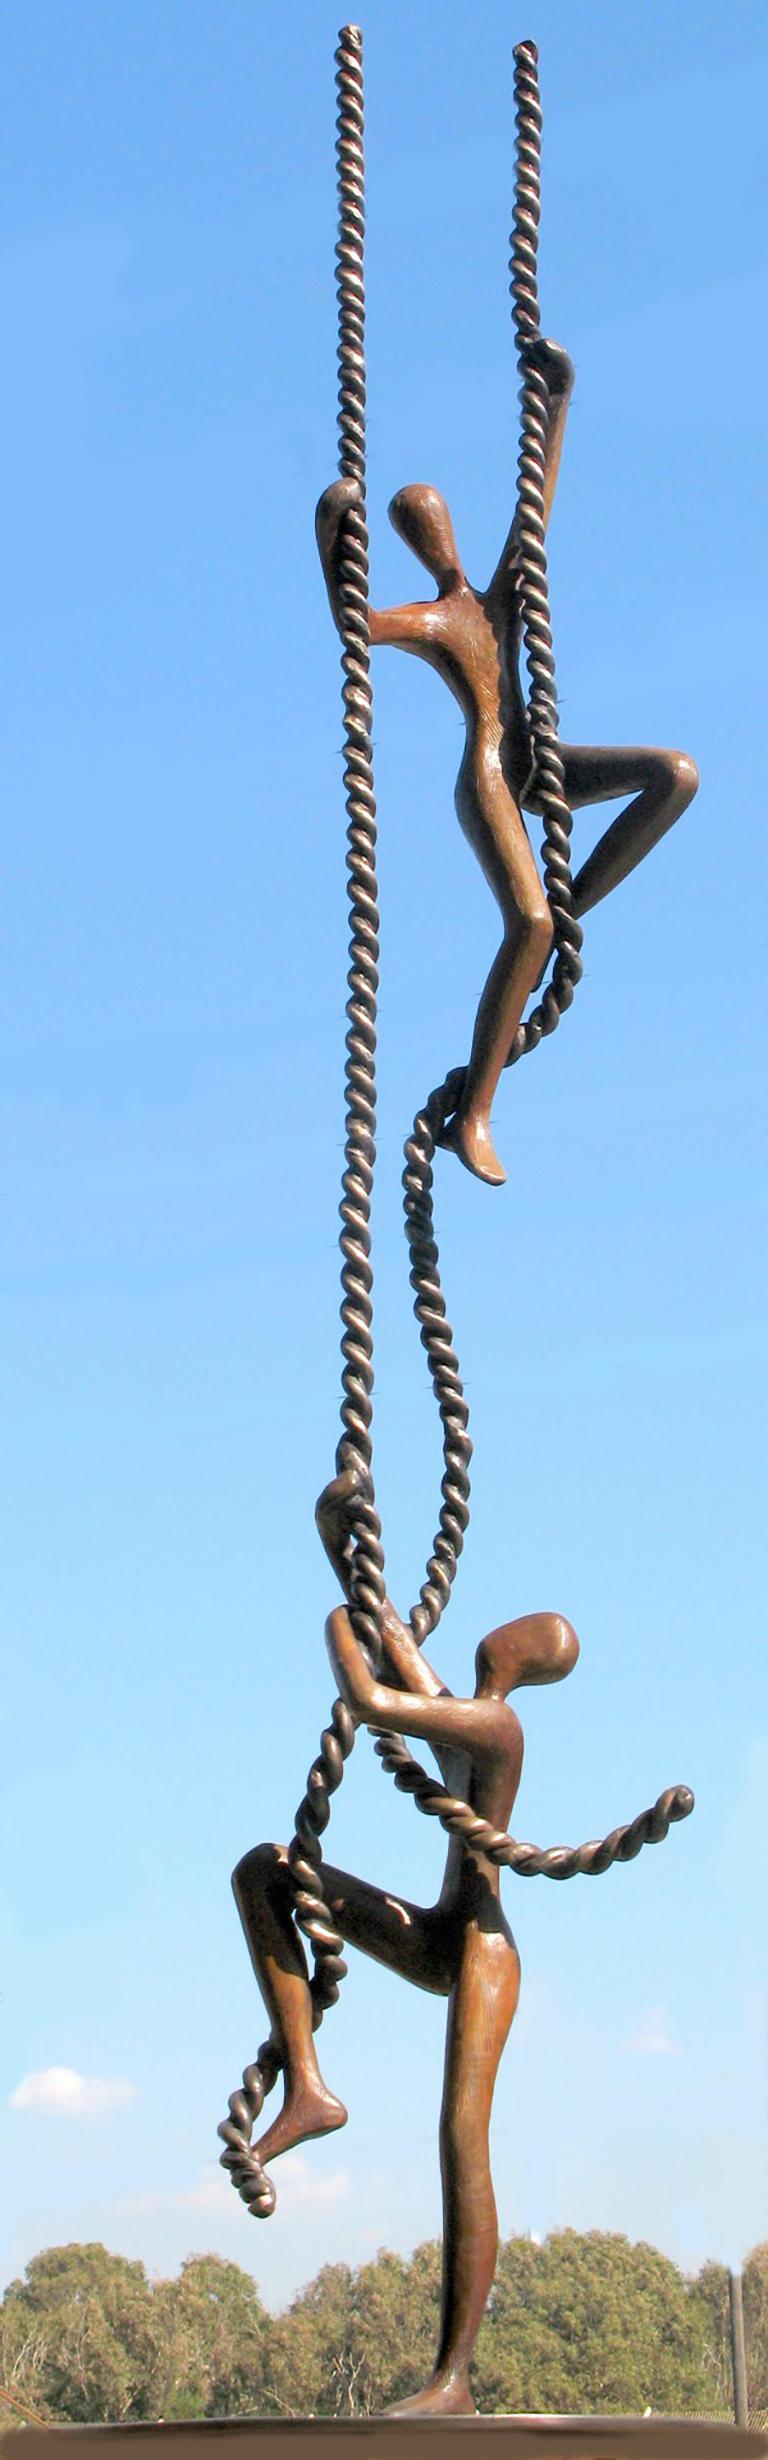 Tolla Inbar, Encouragement, outdoor bronze sculpture